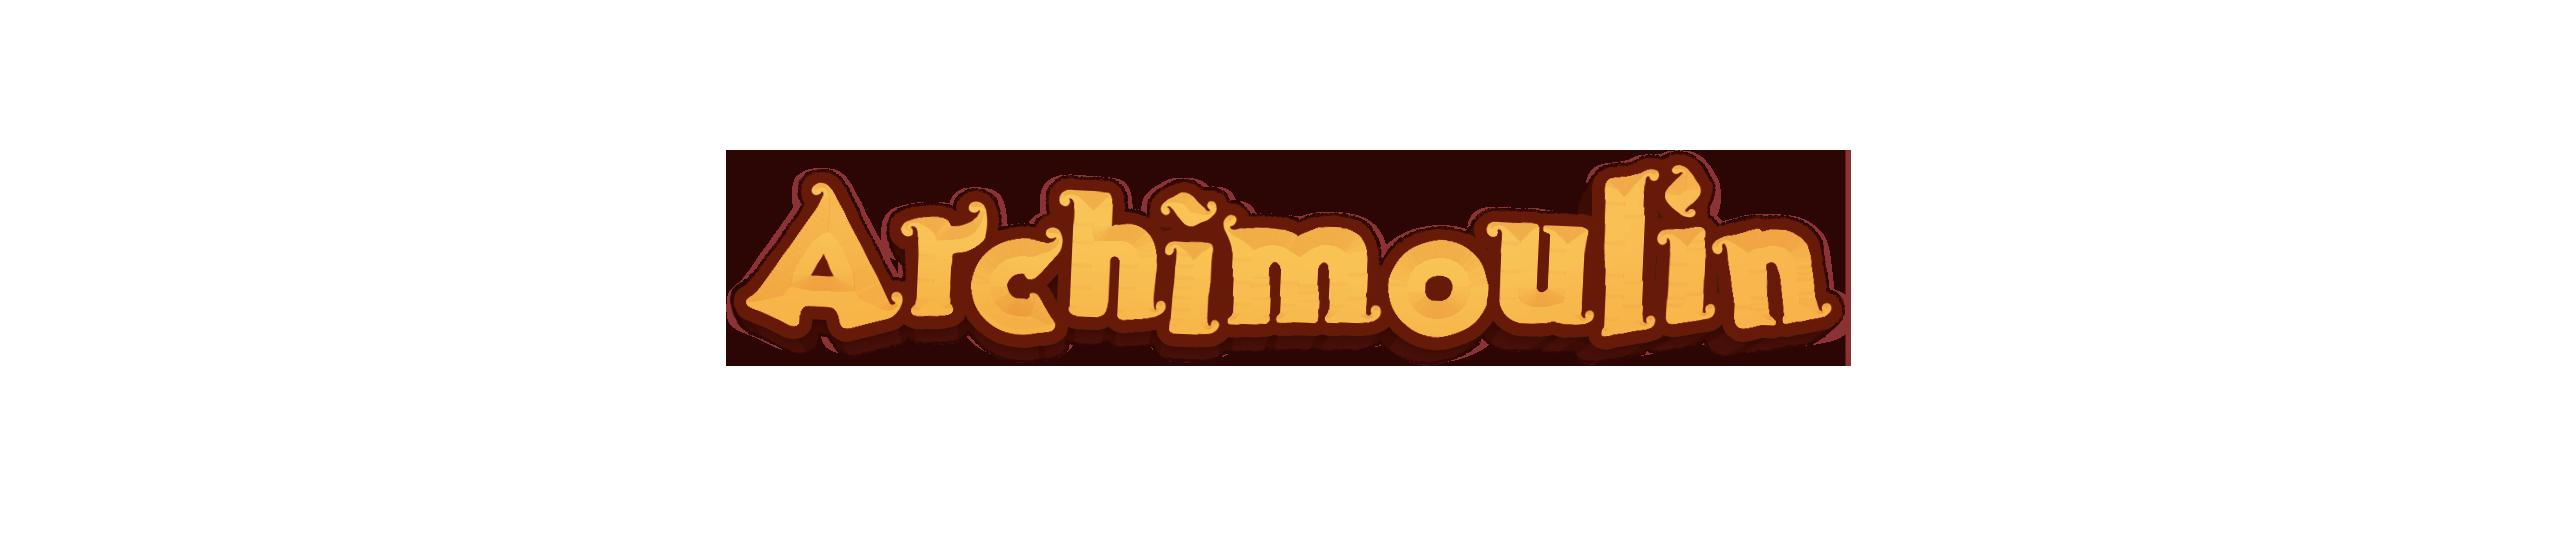 Archimoulin